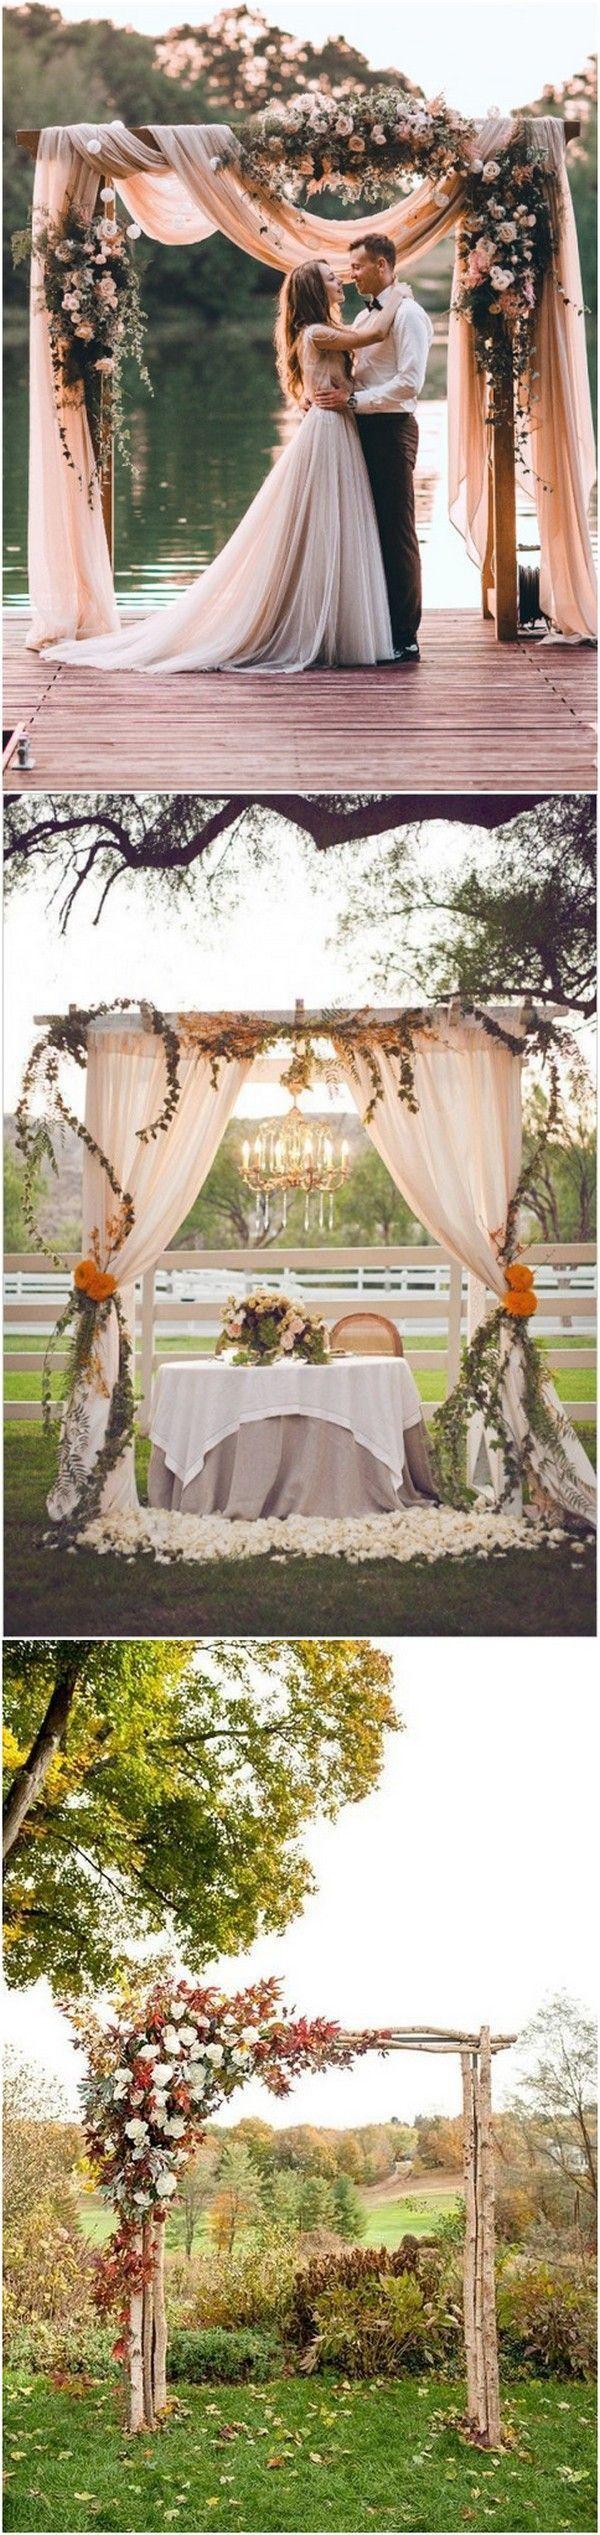 Fall wedding decoration ideas reception  fall wedding arch decoration ideas weddingideas weddingdecor